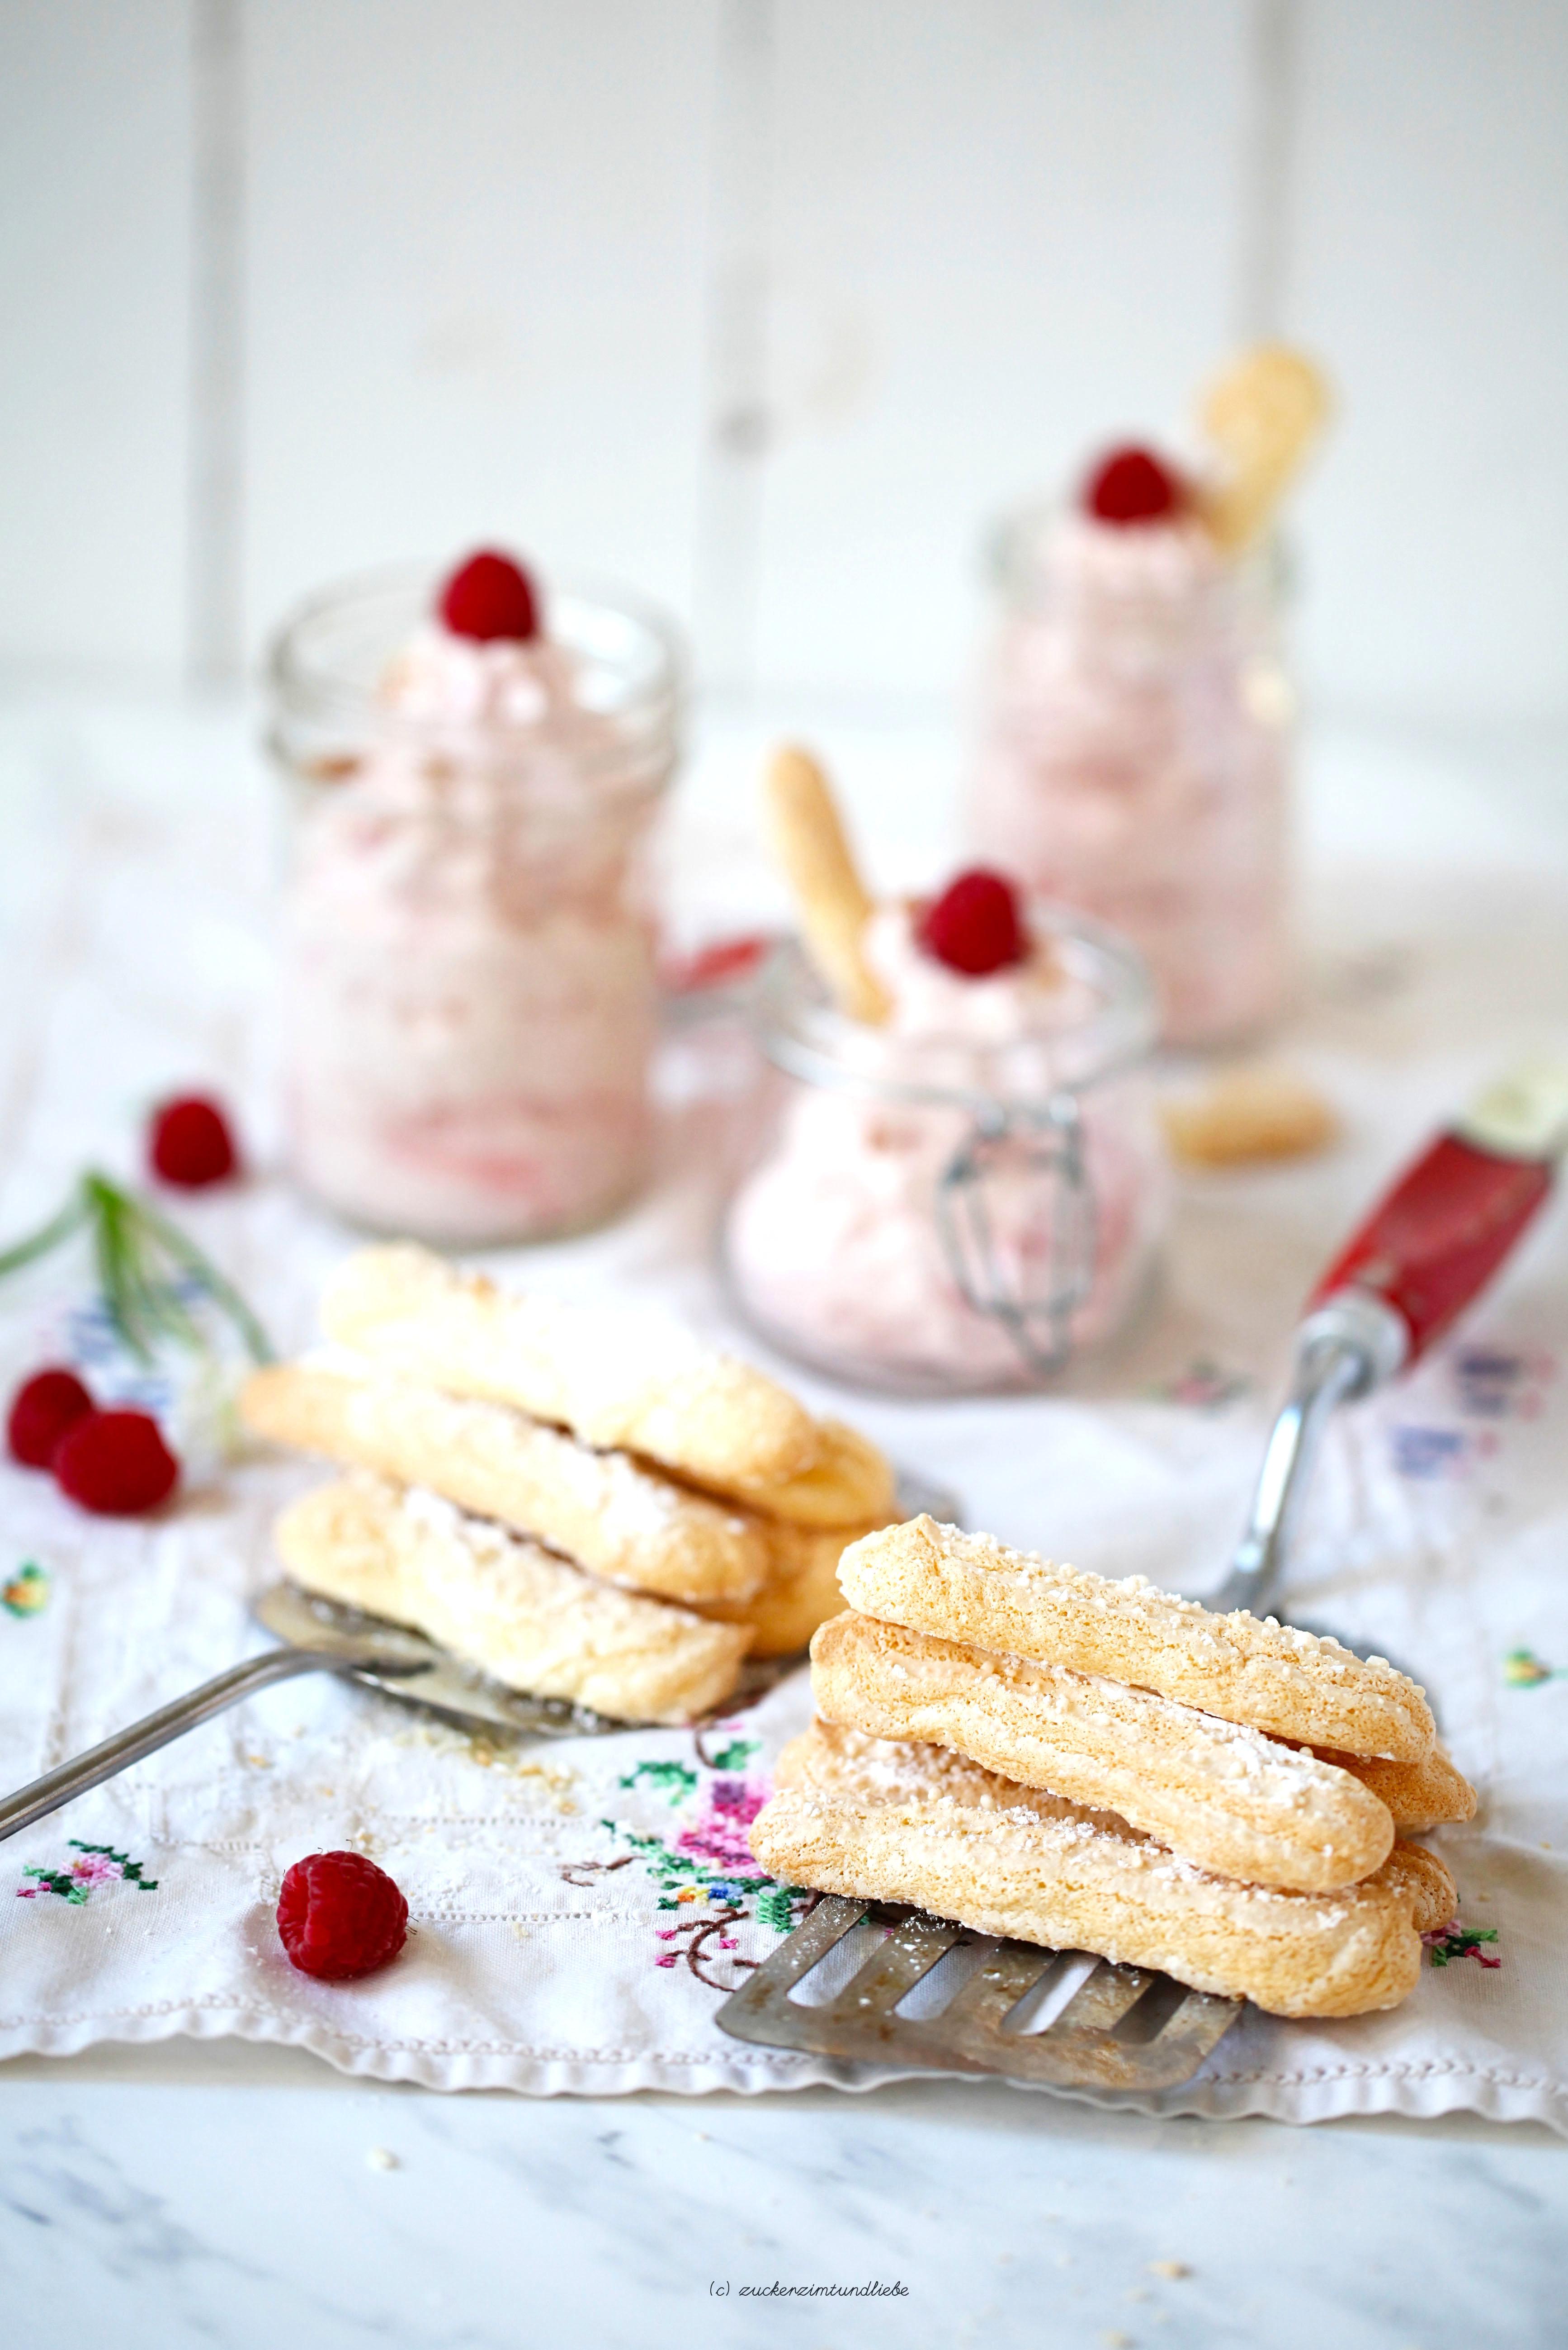 Cheesecake Dessert mit Himbeeren und Rezept für Löffelbiskuits Ich backs mir zuckerzimtundliebe foodblog13a